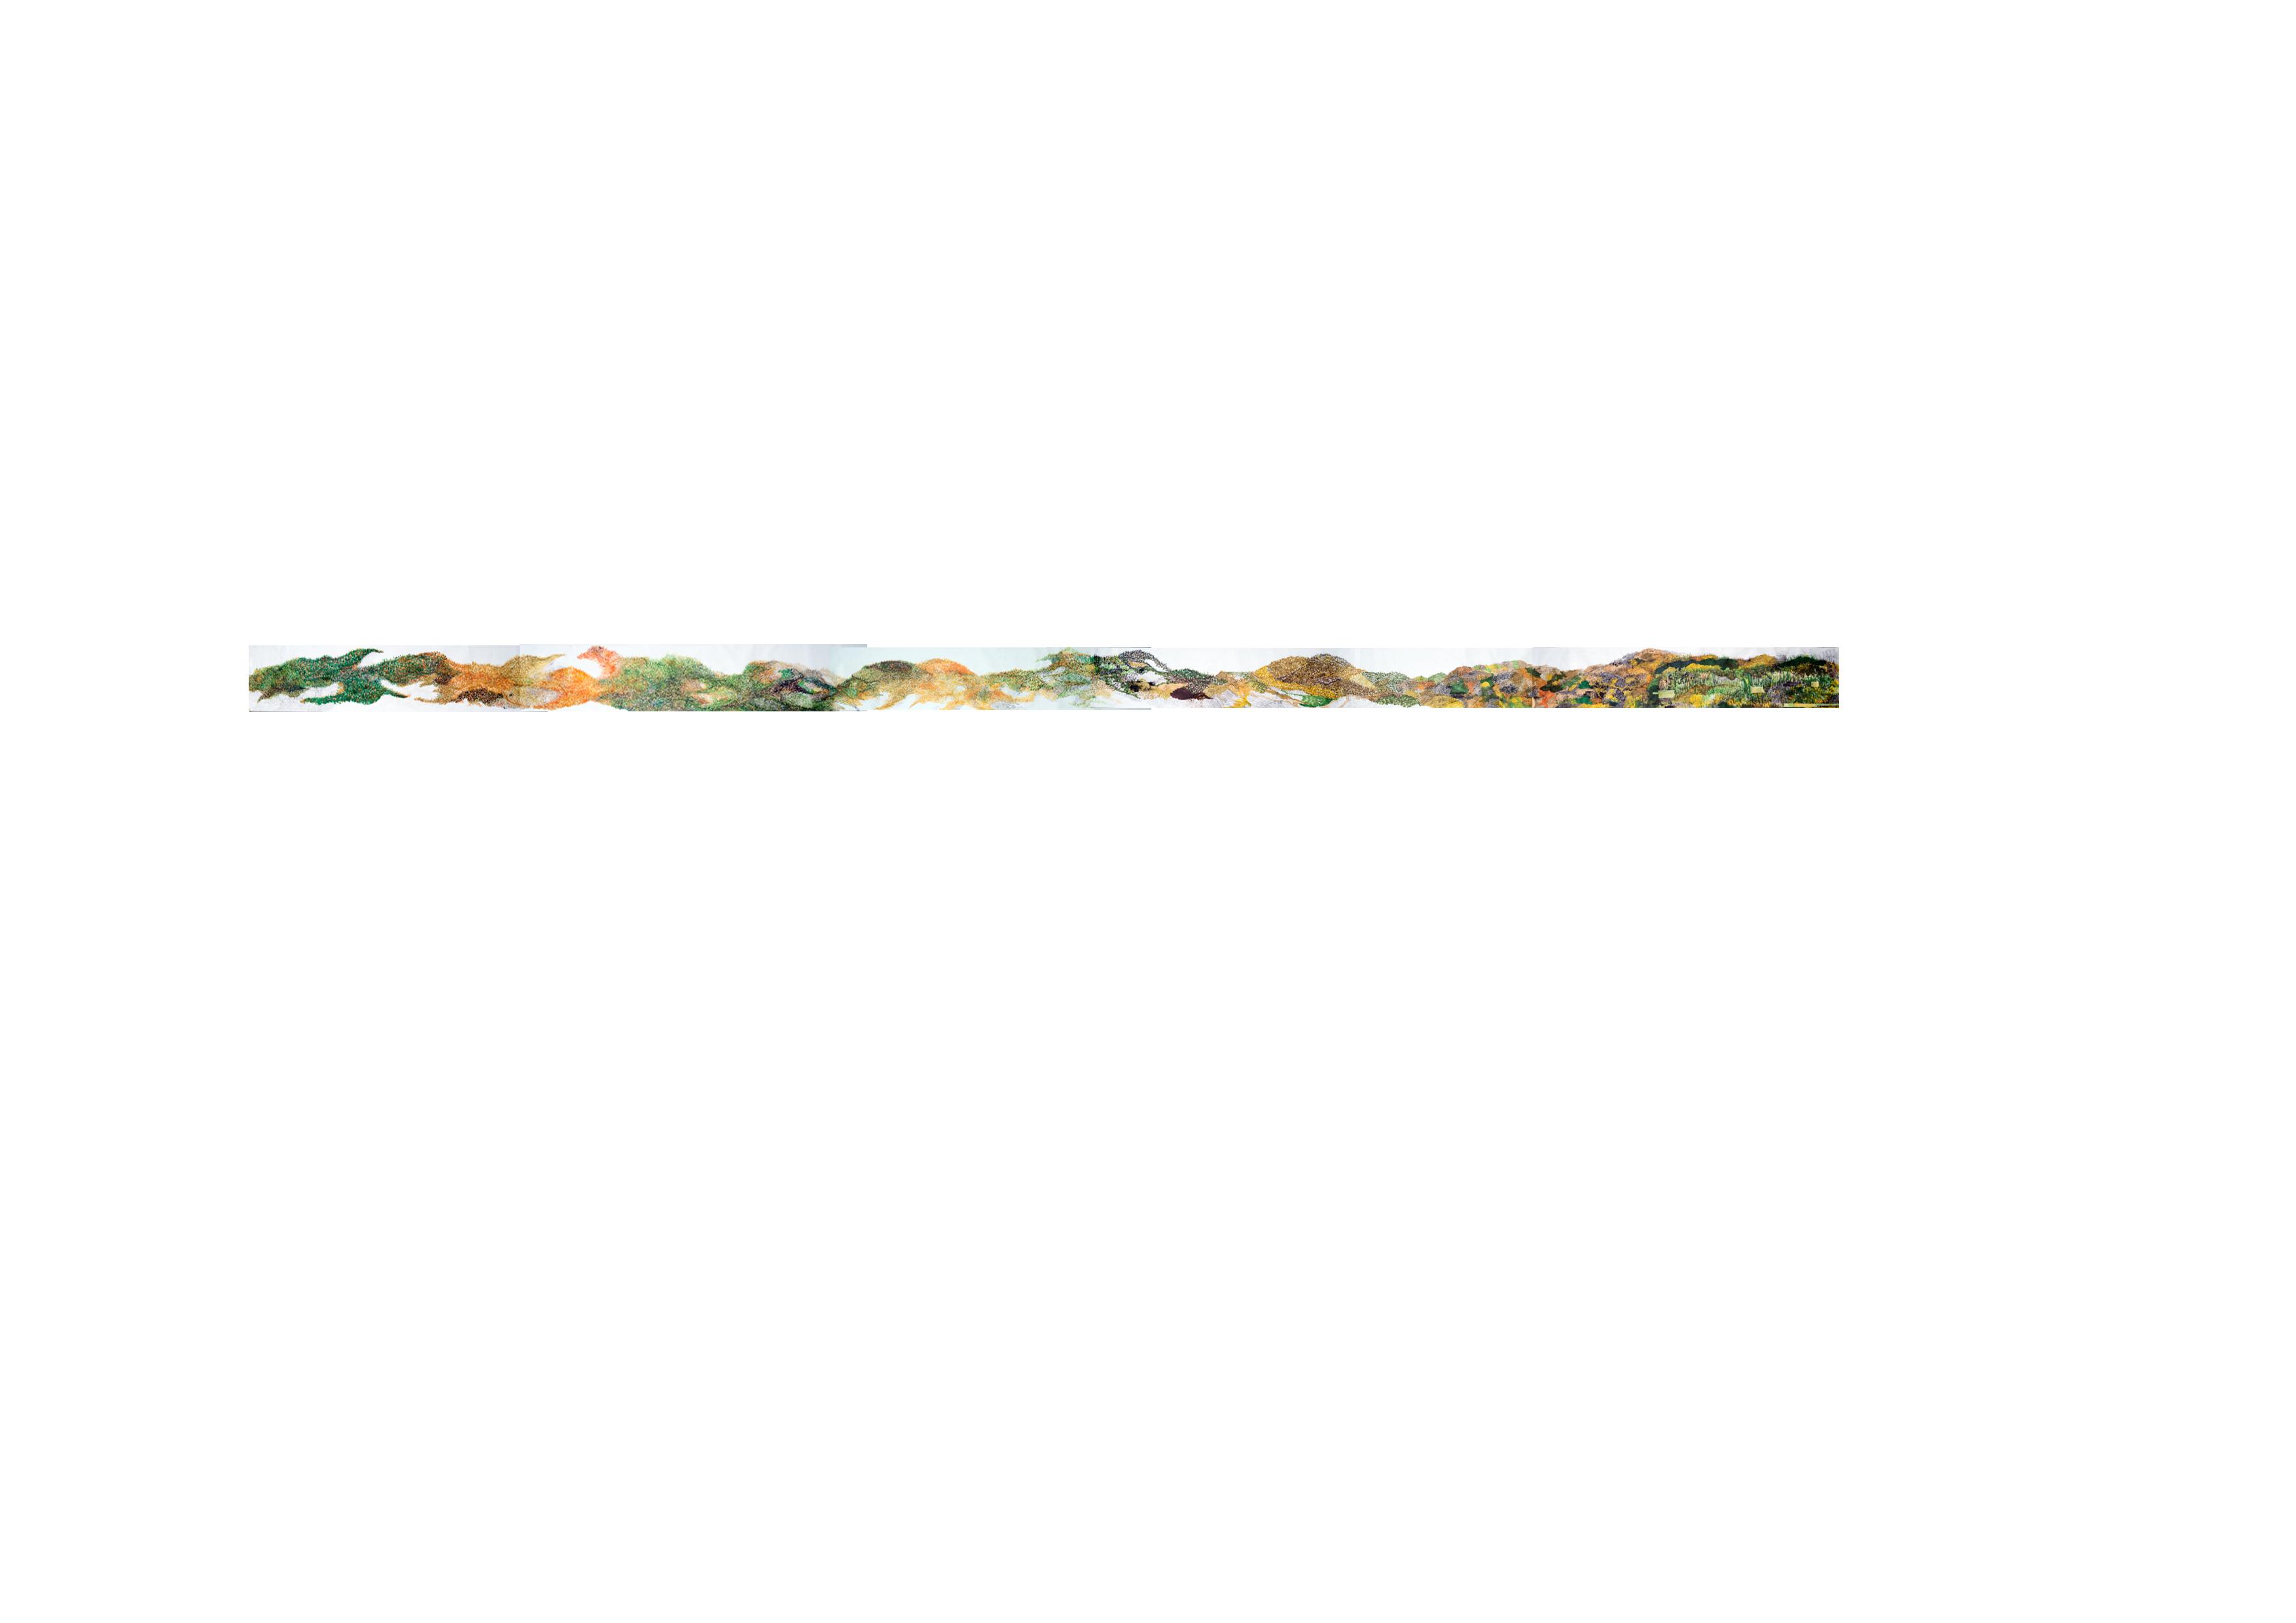 Grass, 11 m x 39 cm., 2018